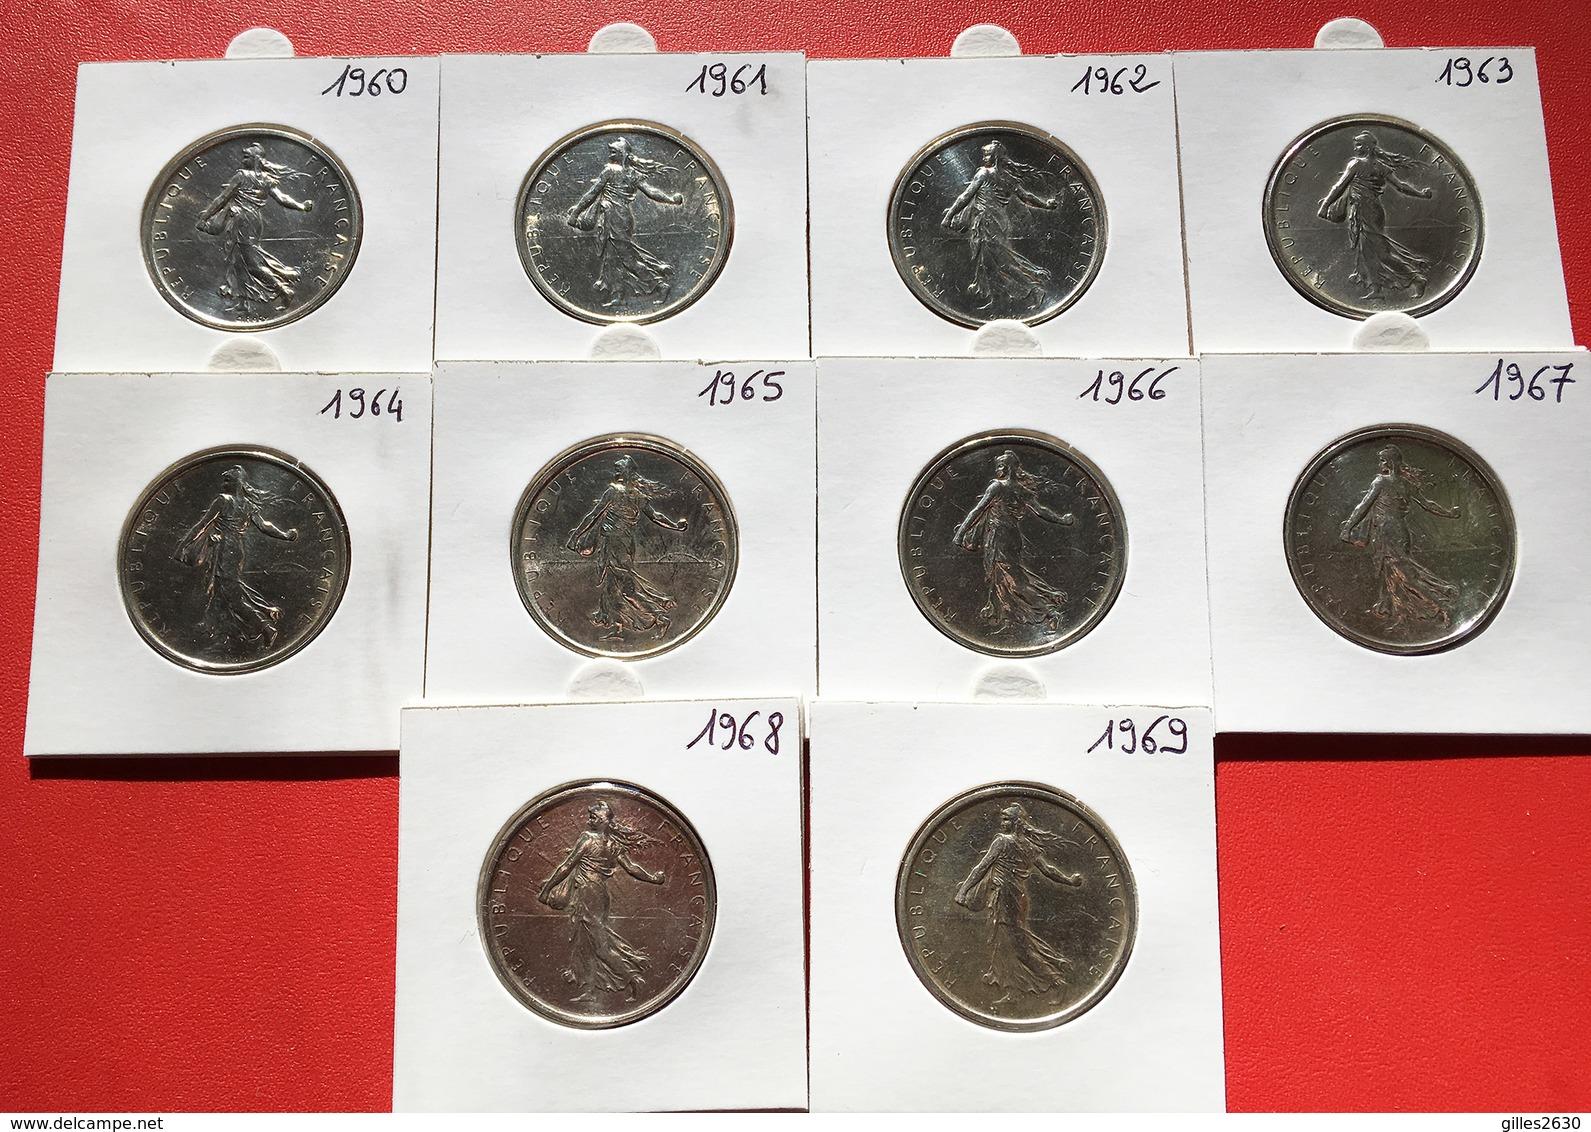 Superbe Série De 10 X 5 Francs Semeuse Argent 1960 à 1969 - France